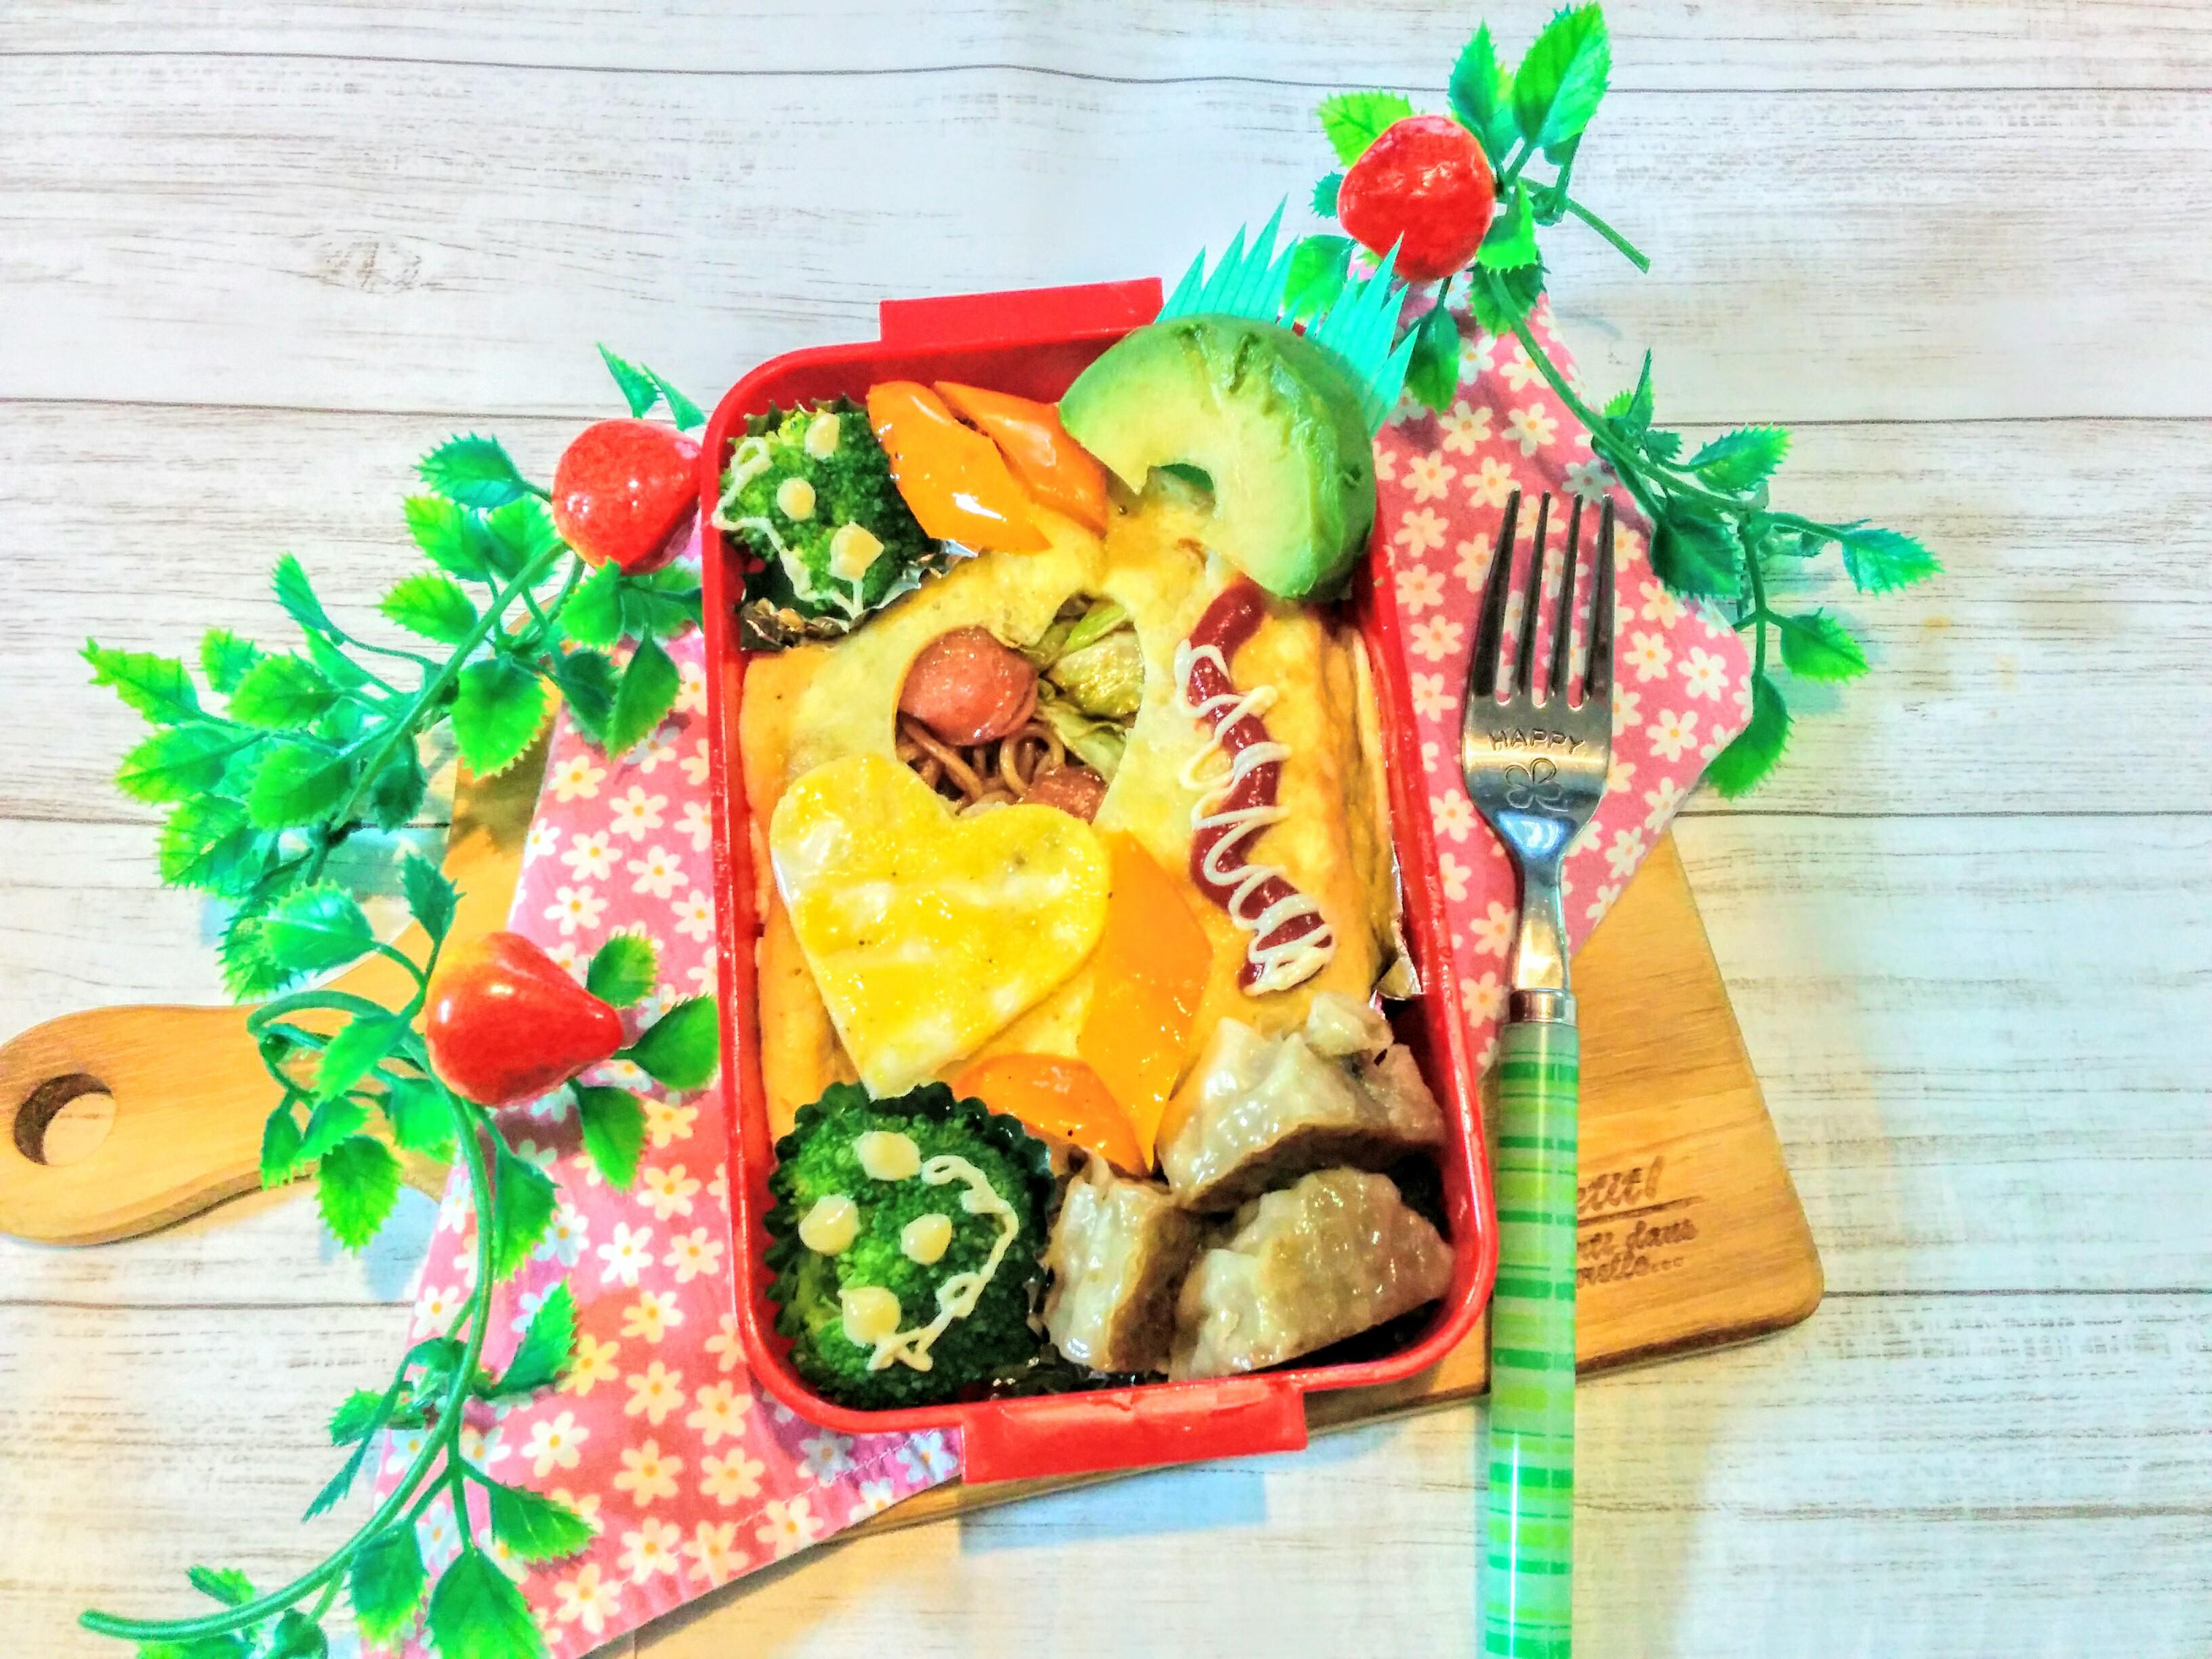 【小樽】娘の今日のお弁当・オム焼きそば弁当グルメ案内です。